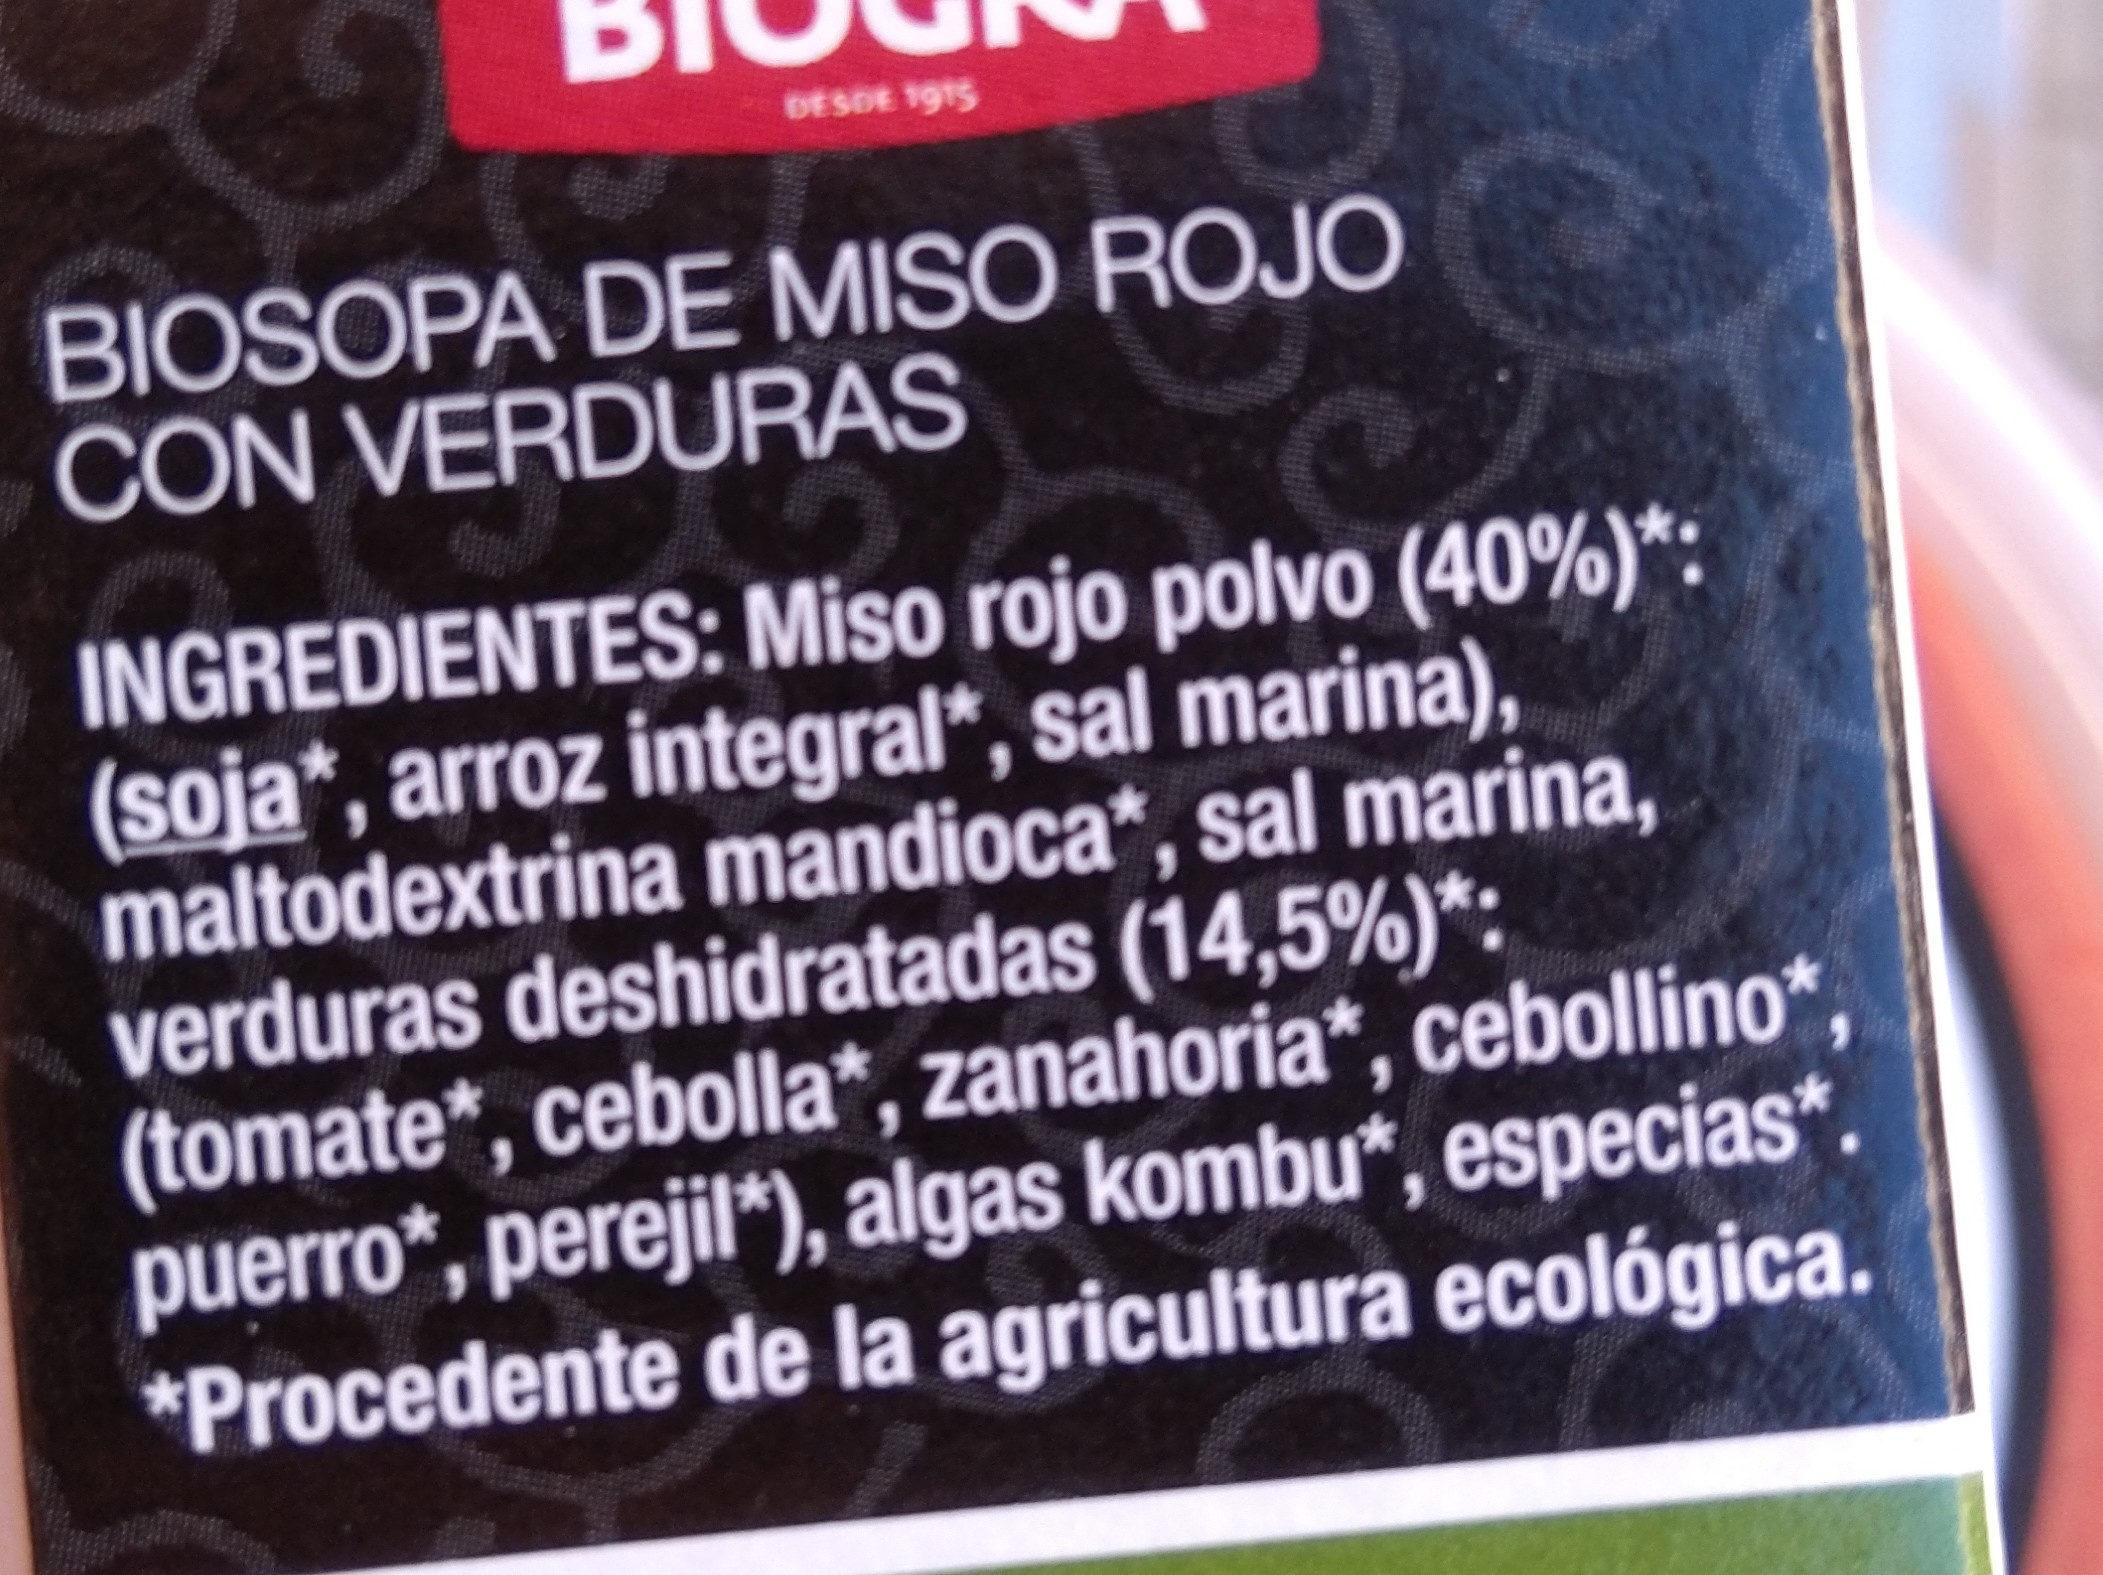 Biosopa de Miso Rojo con Verduras - Ingredientes